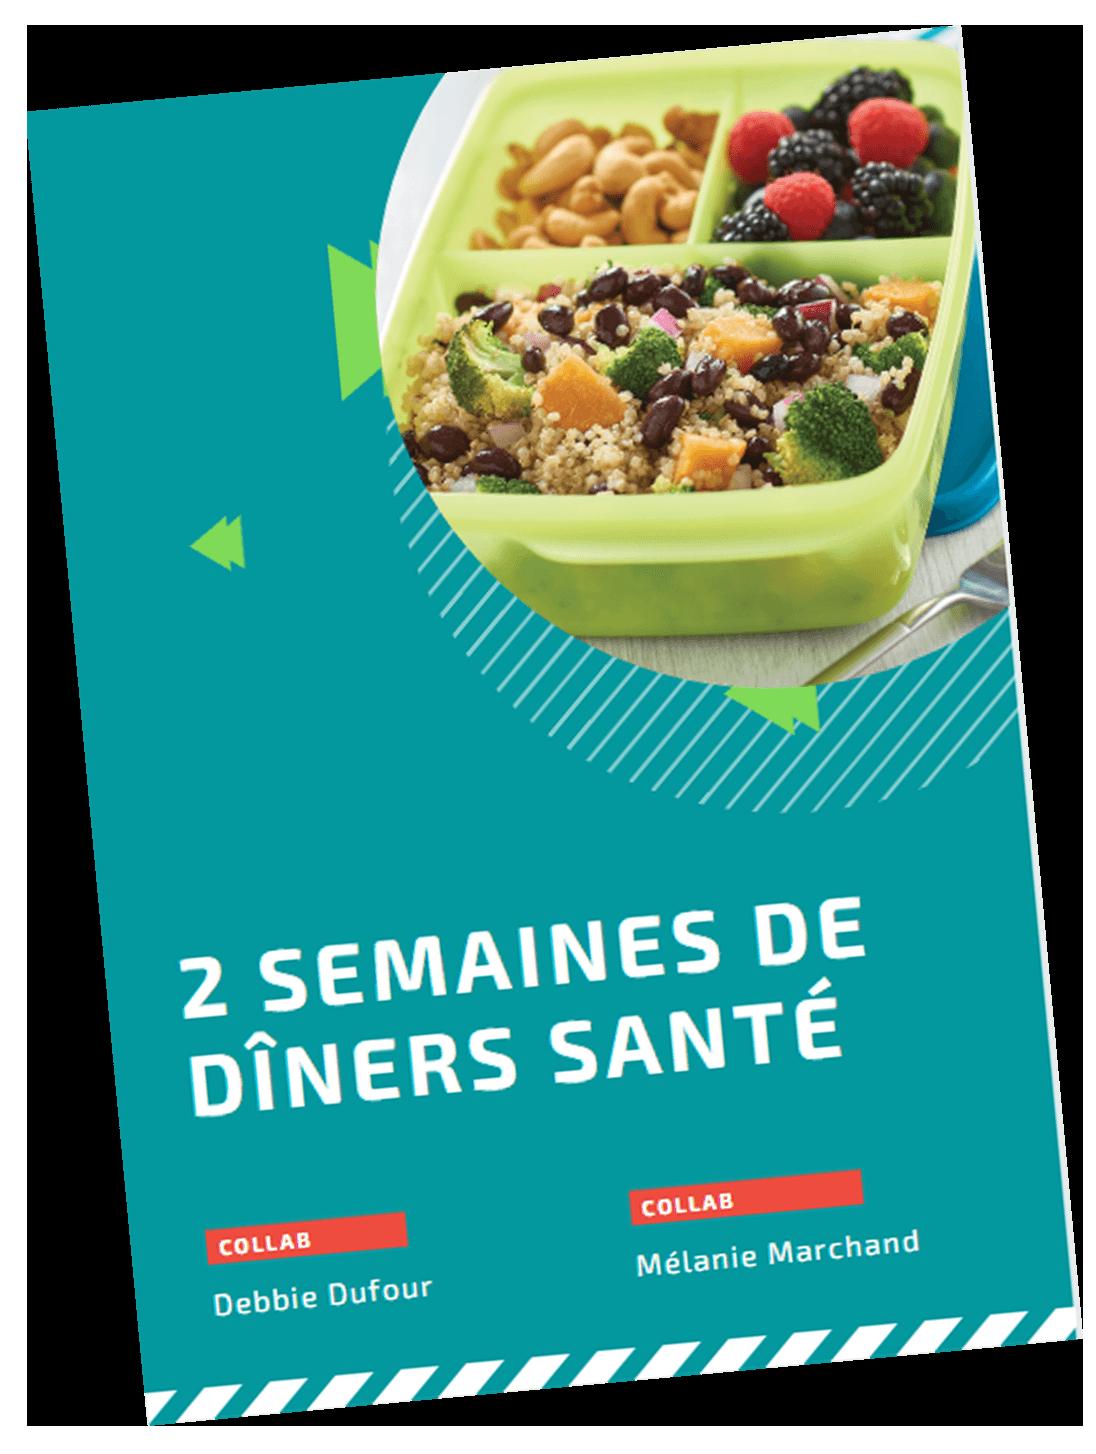 2 semaines de dîners santé - gratuit - Debbie Dufour Tupperware